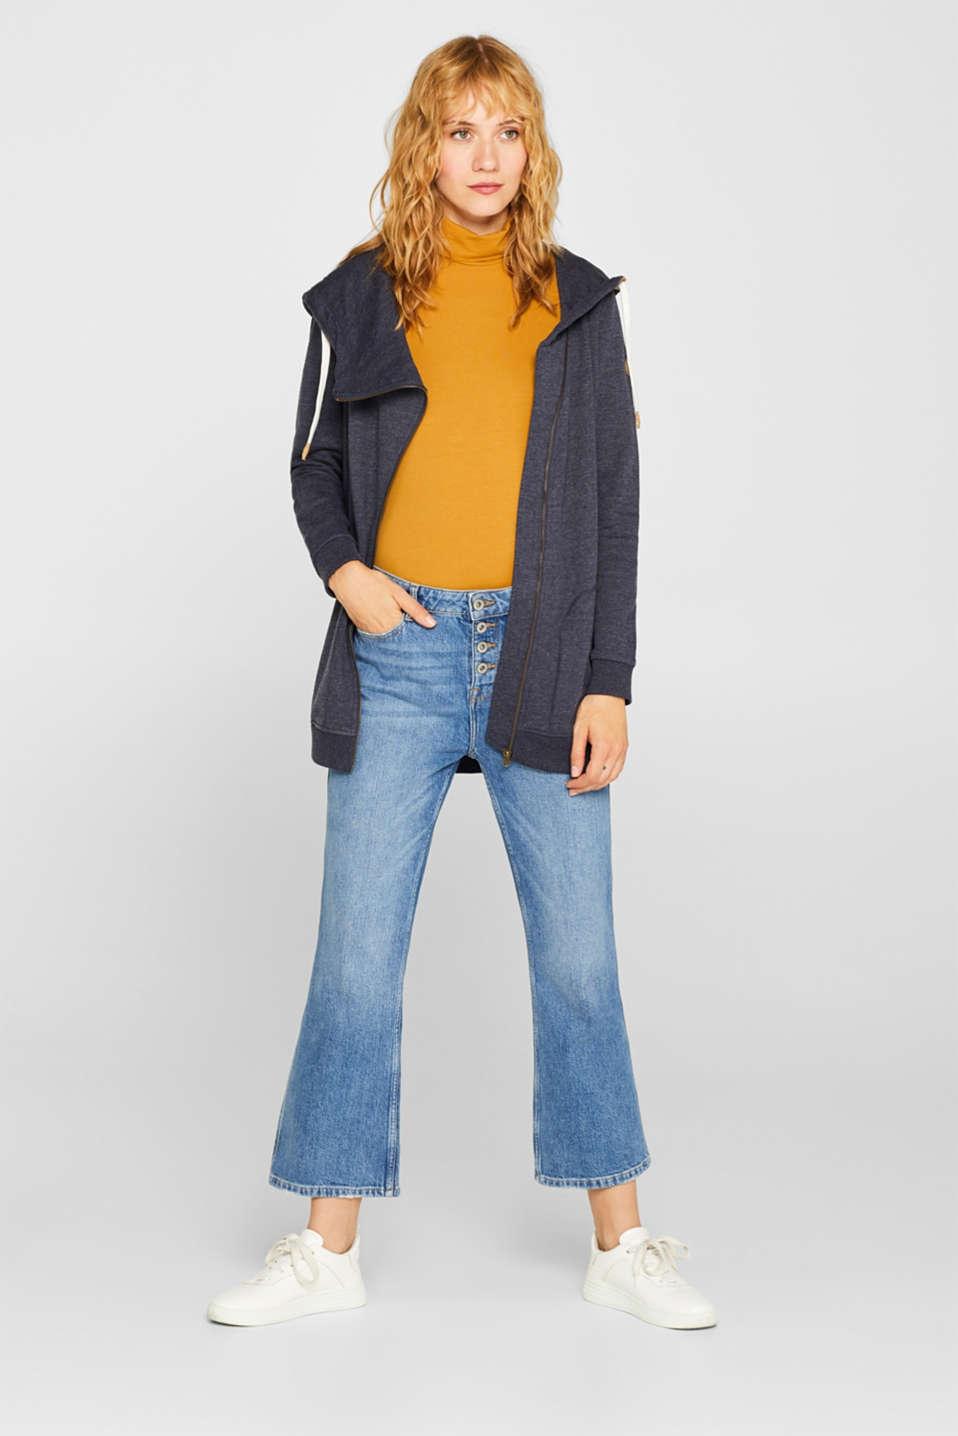 Sweatshirts, NAVY 5, detail image number 1